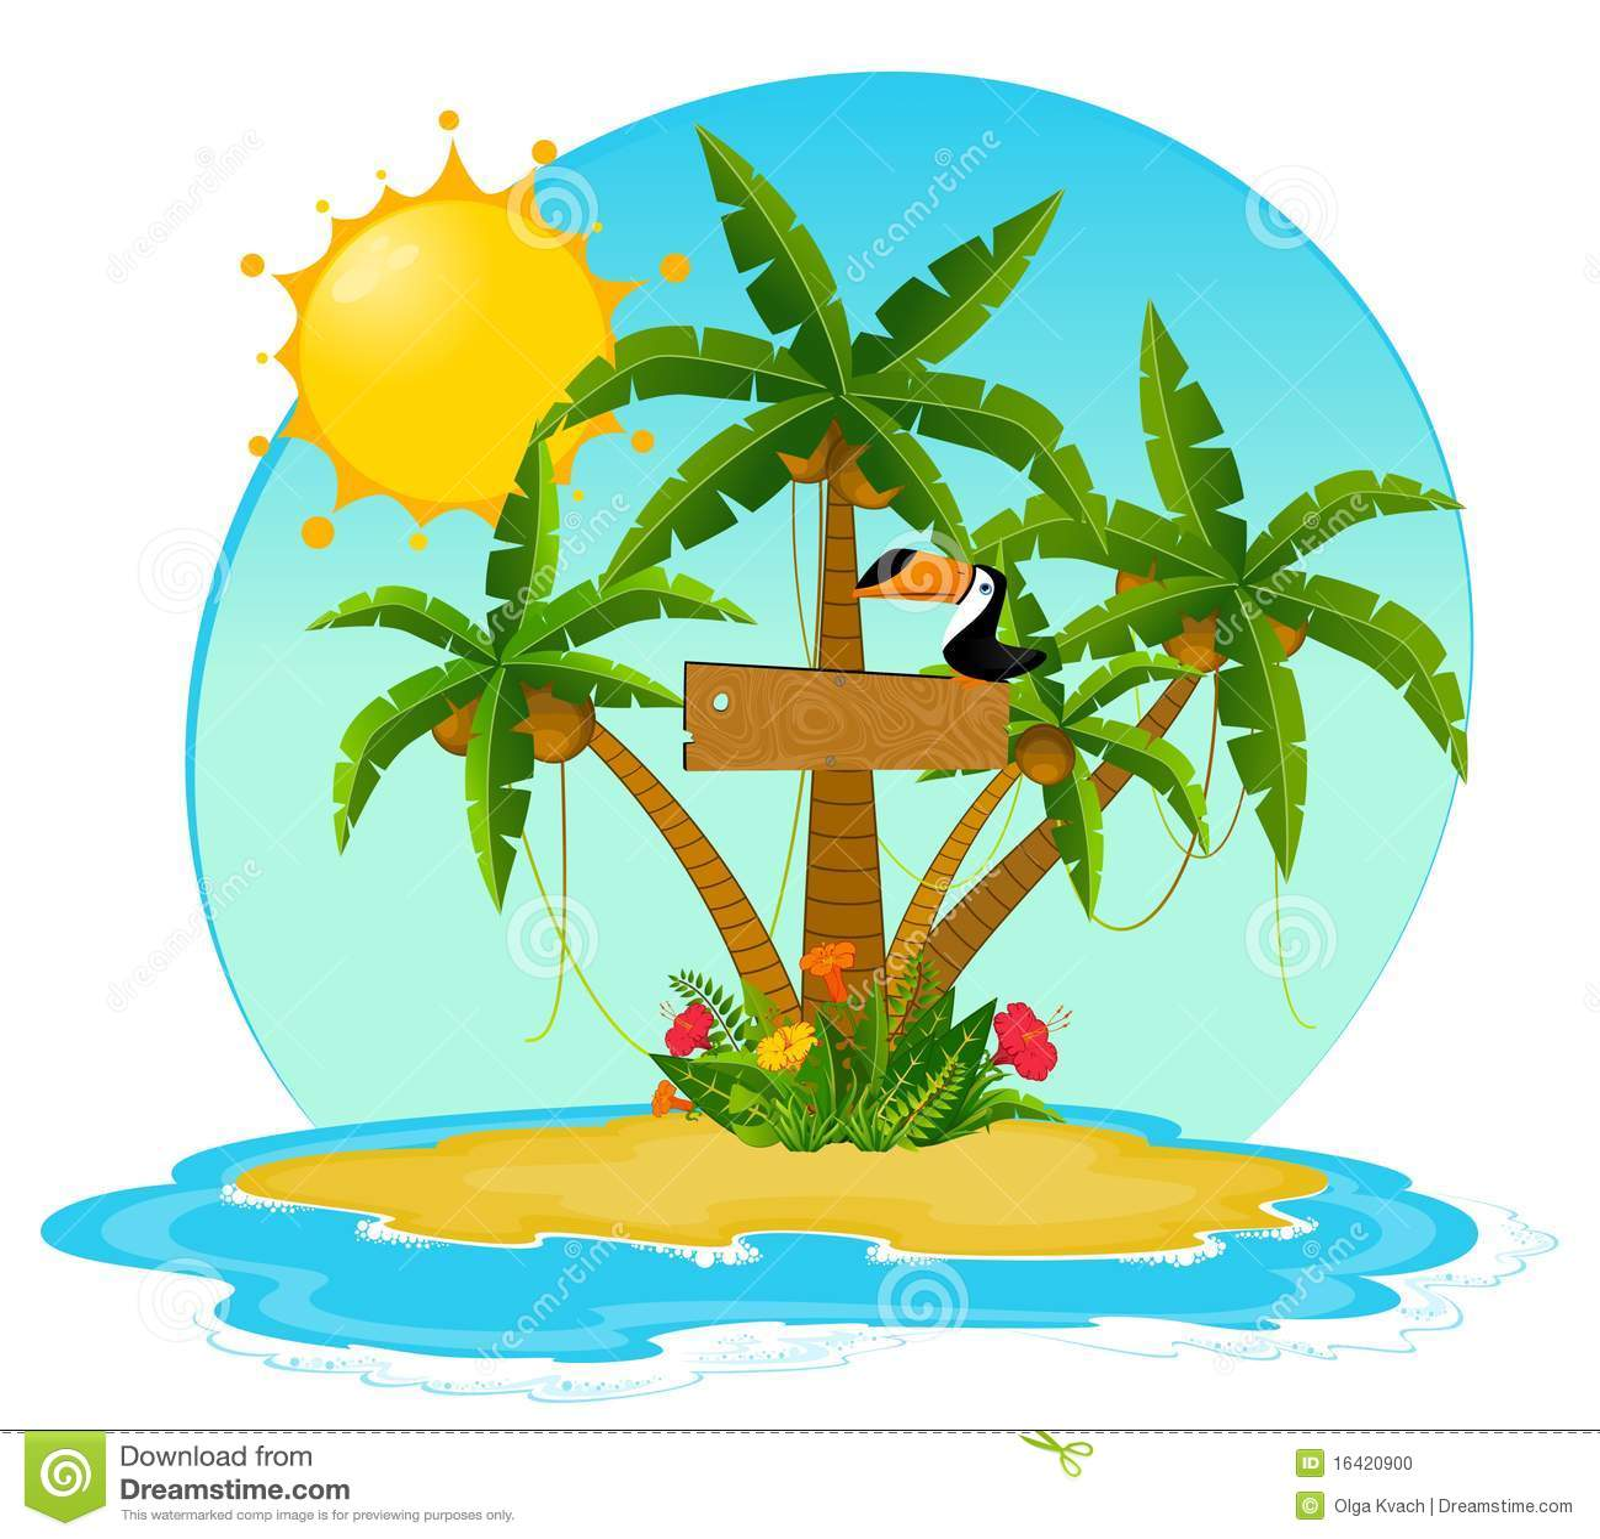 kleine insel mit tropischen palmen vektor abbildung bild. Black Bedroom Furniture Sets. Home Design Ideas